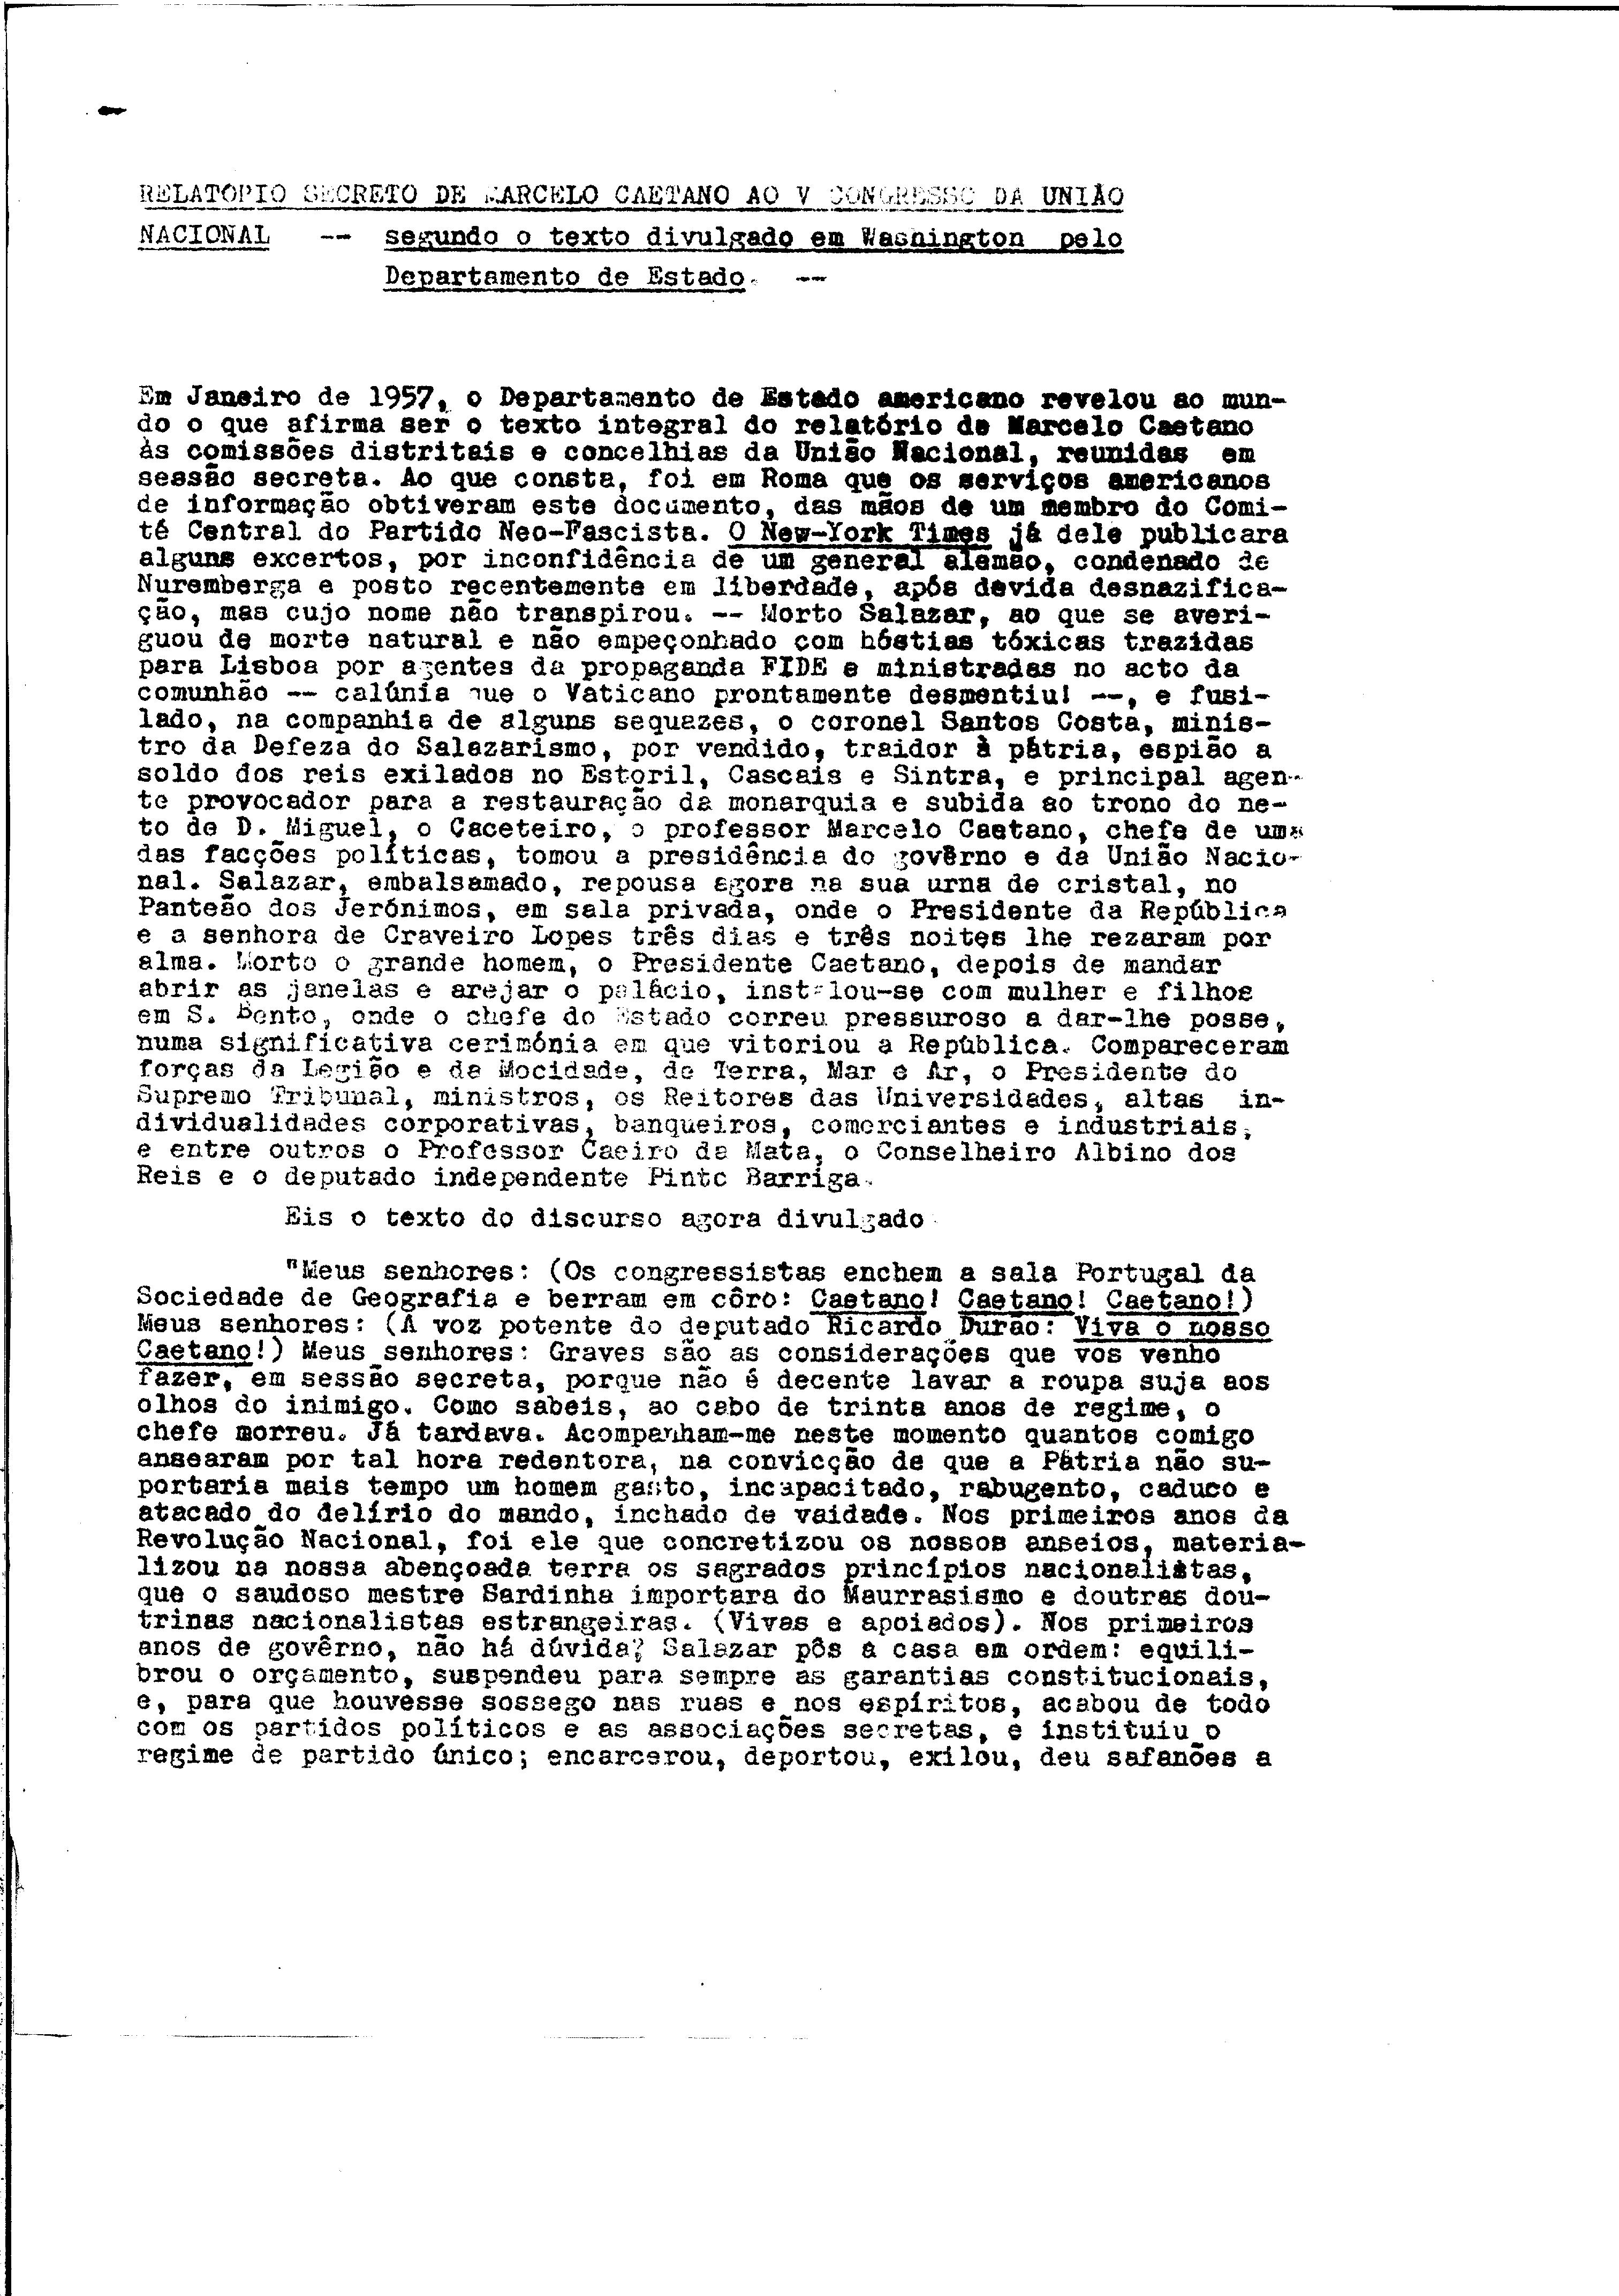 02611.012- pag.1